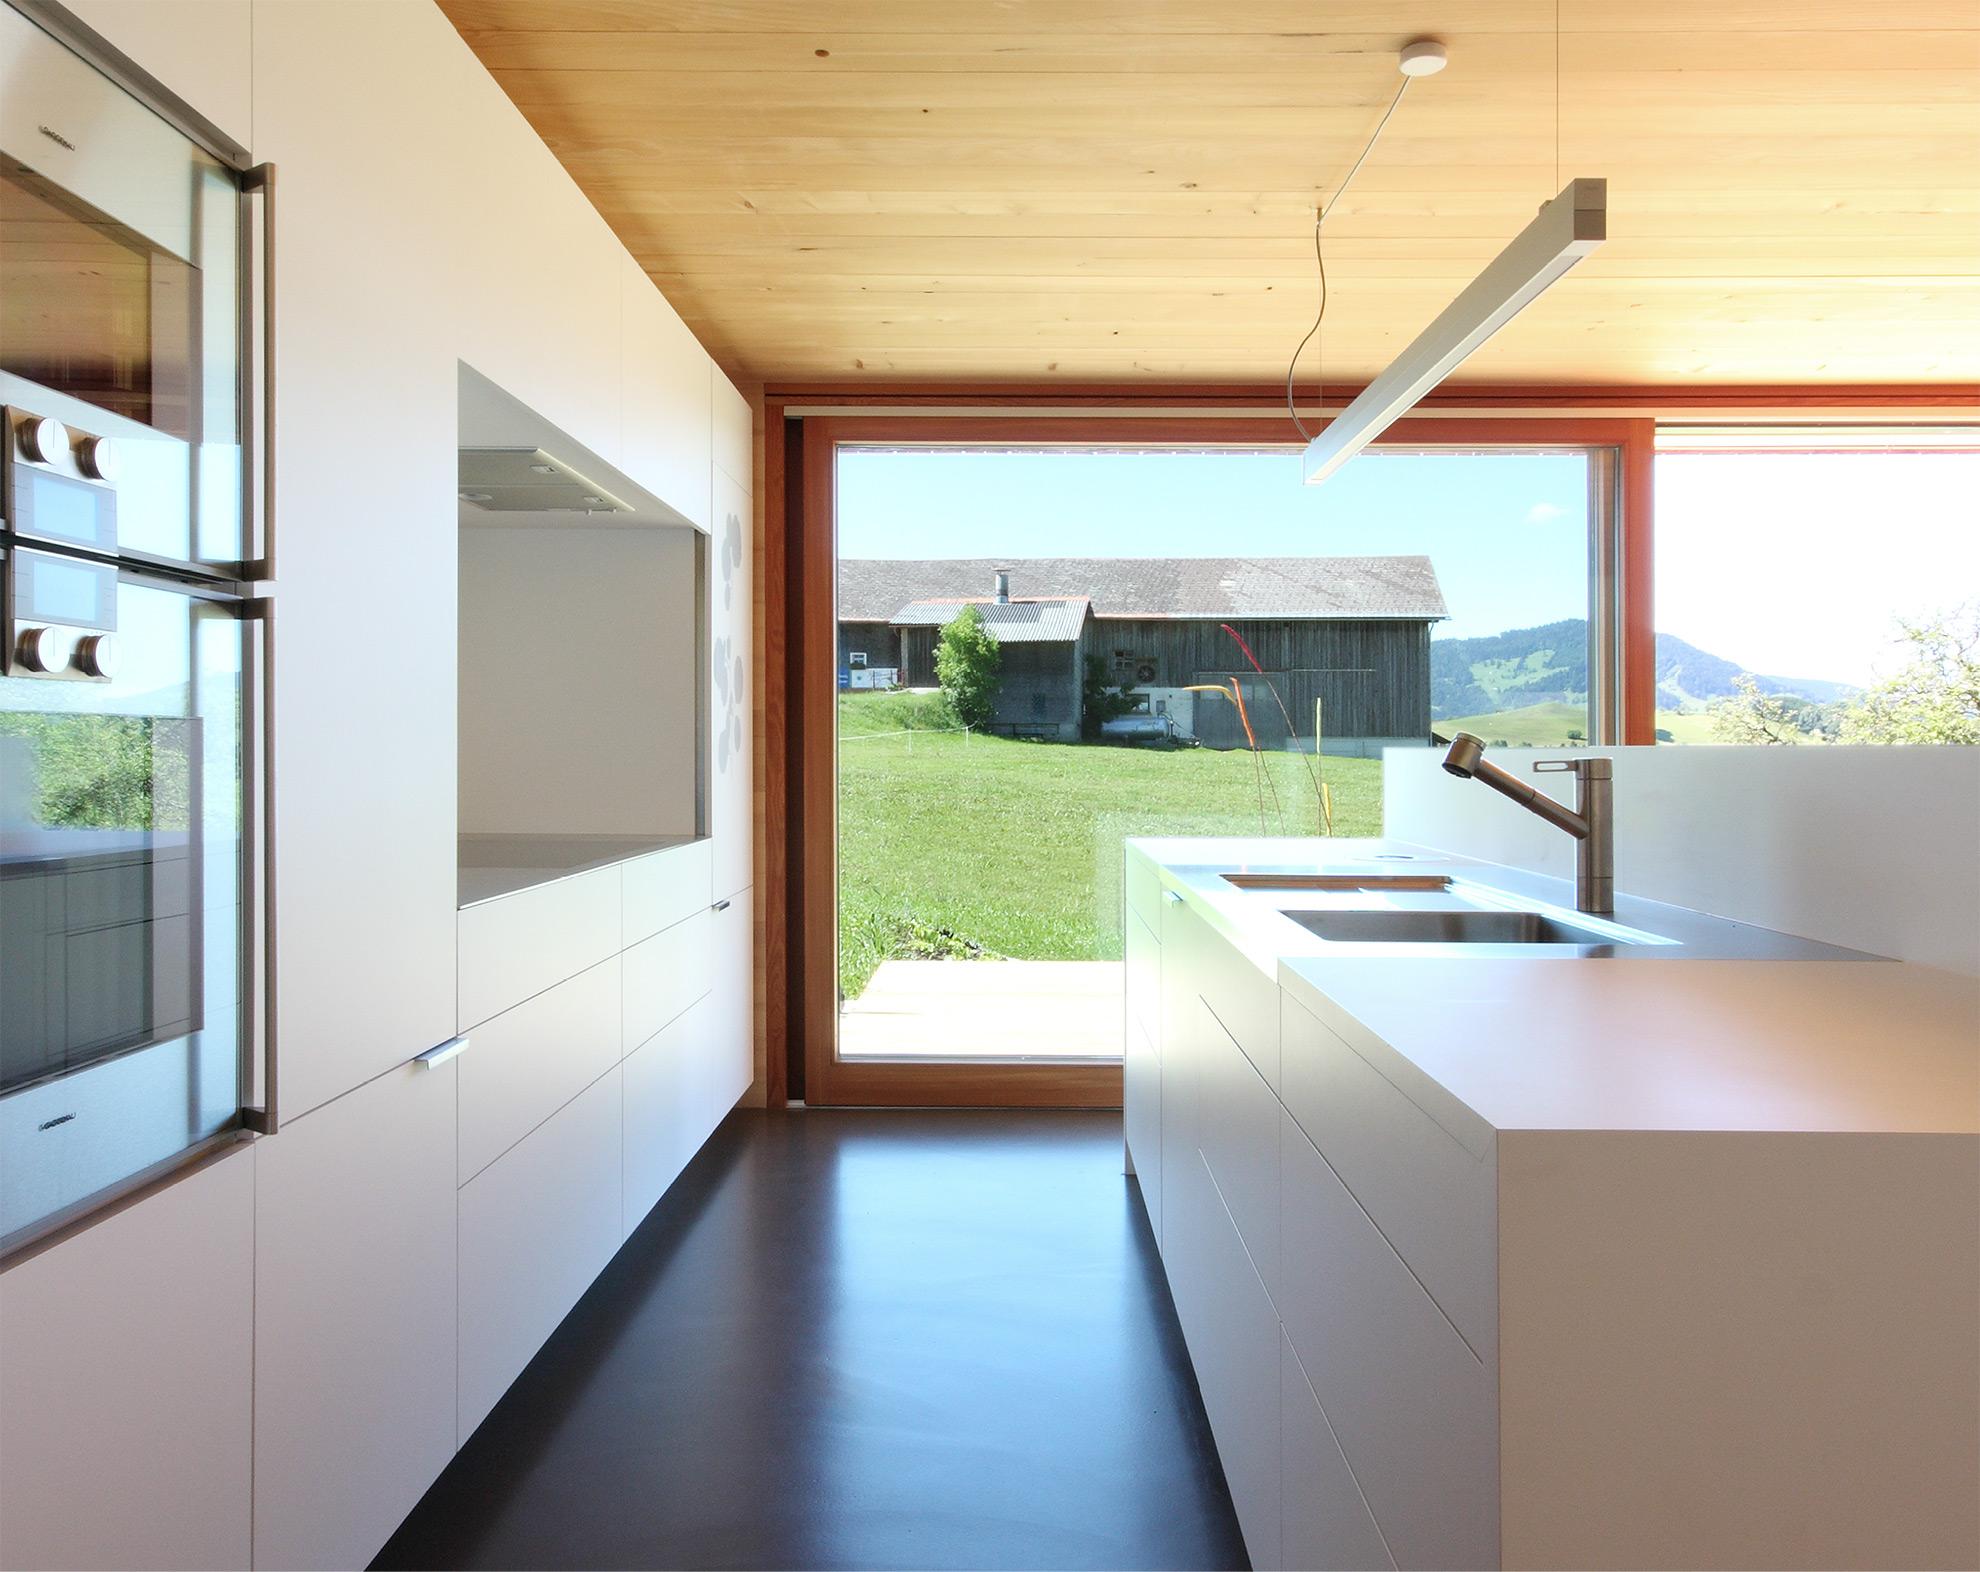 k chen walter exklusives k chen design by walter wendel lifestyle und k chen umbau walter k. Black Bedroom Furniture Sets. Home Design Ideas